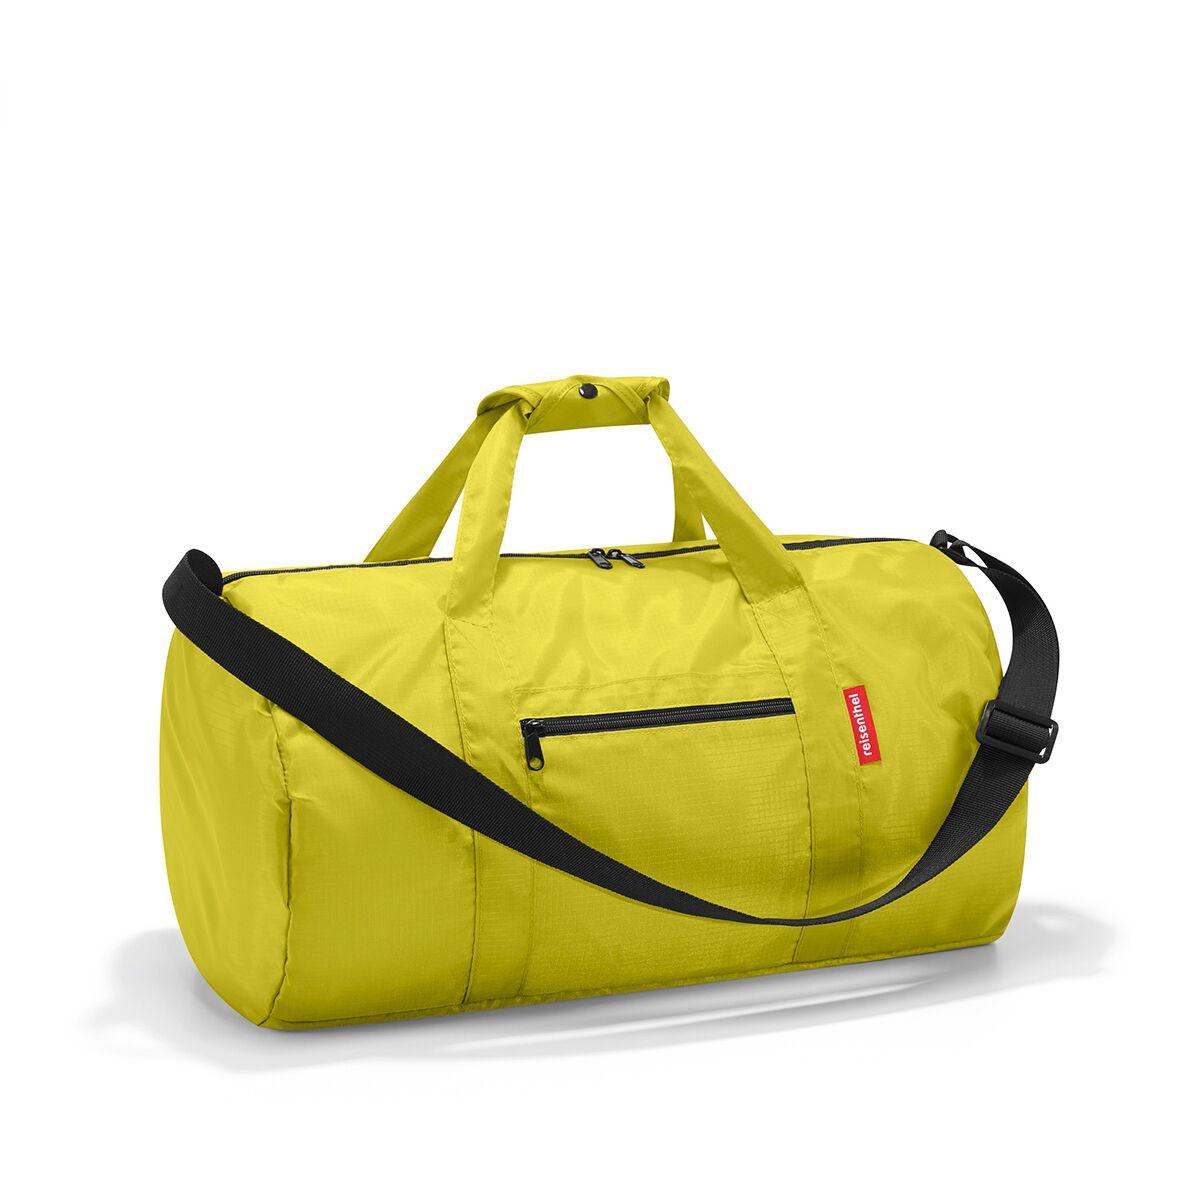 Сумка спортивная жен. Reisenthel, цвет: зеленый. AM5001AM5001Универсальная сумка-трансформер серии Mini Maxi, предназначенная для путешествий и спорта. - для хранения компактно складывается в собственный внутренний карман; - вместительное основное отделение на молнии; - экономит место при хранении и перевозке в сложенном состоянии; - регулируемый наплечный ремень; - ручки для переноски, регулируемые при помощи специальных застежек; - два внешних кармана на молнии; - материал: высококачественный водостойкий полиэстер; - объем – 20 литров.